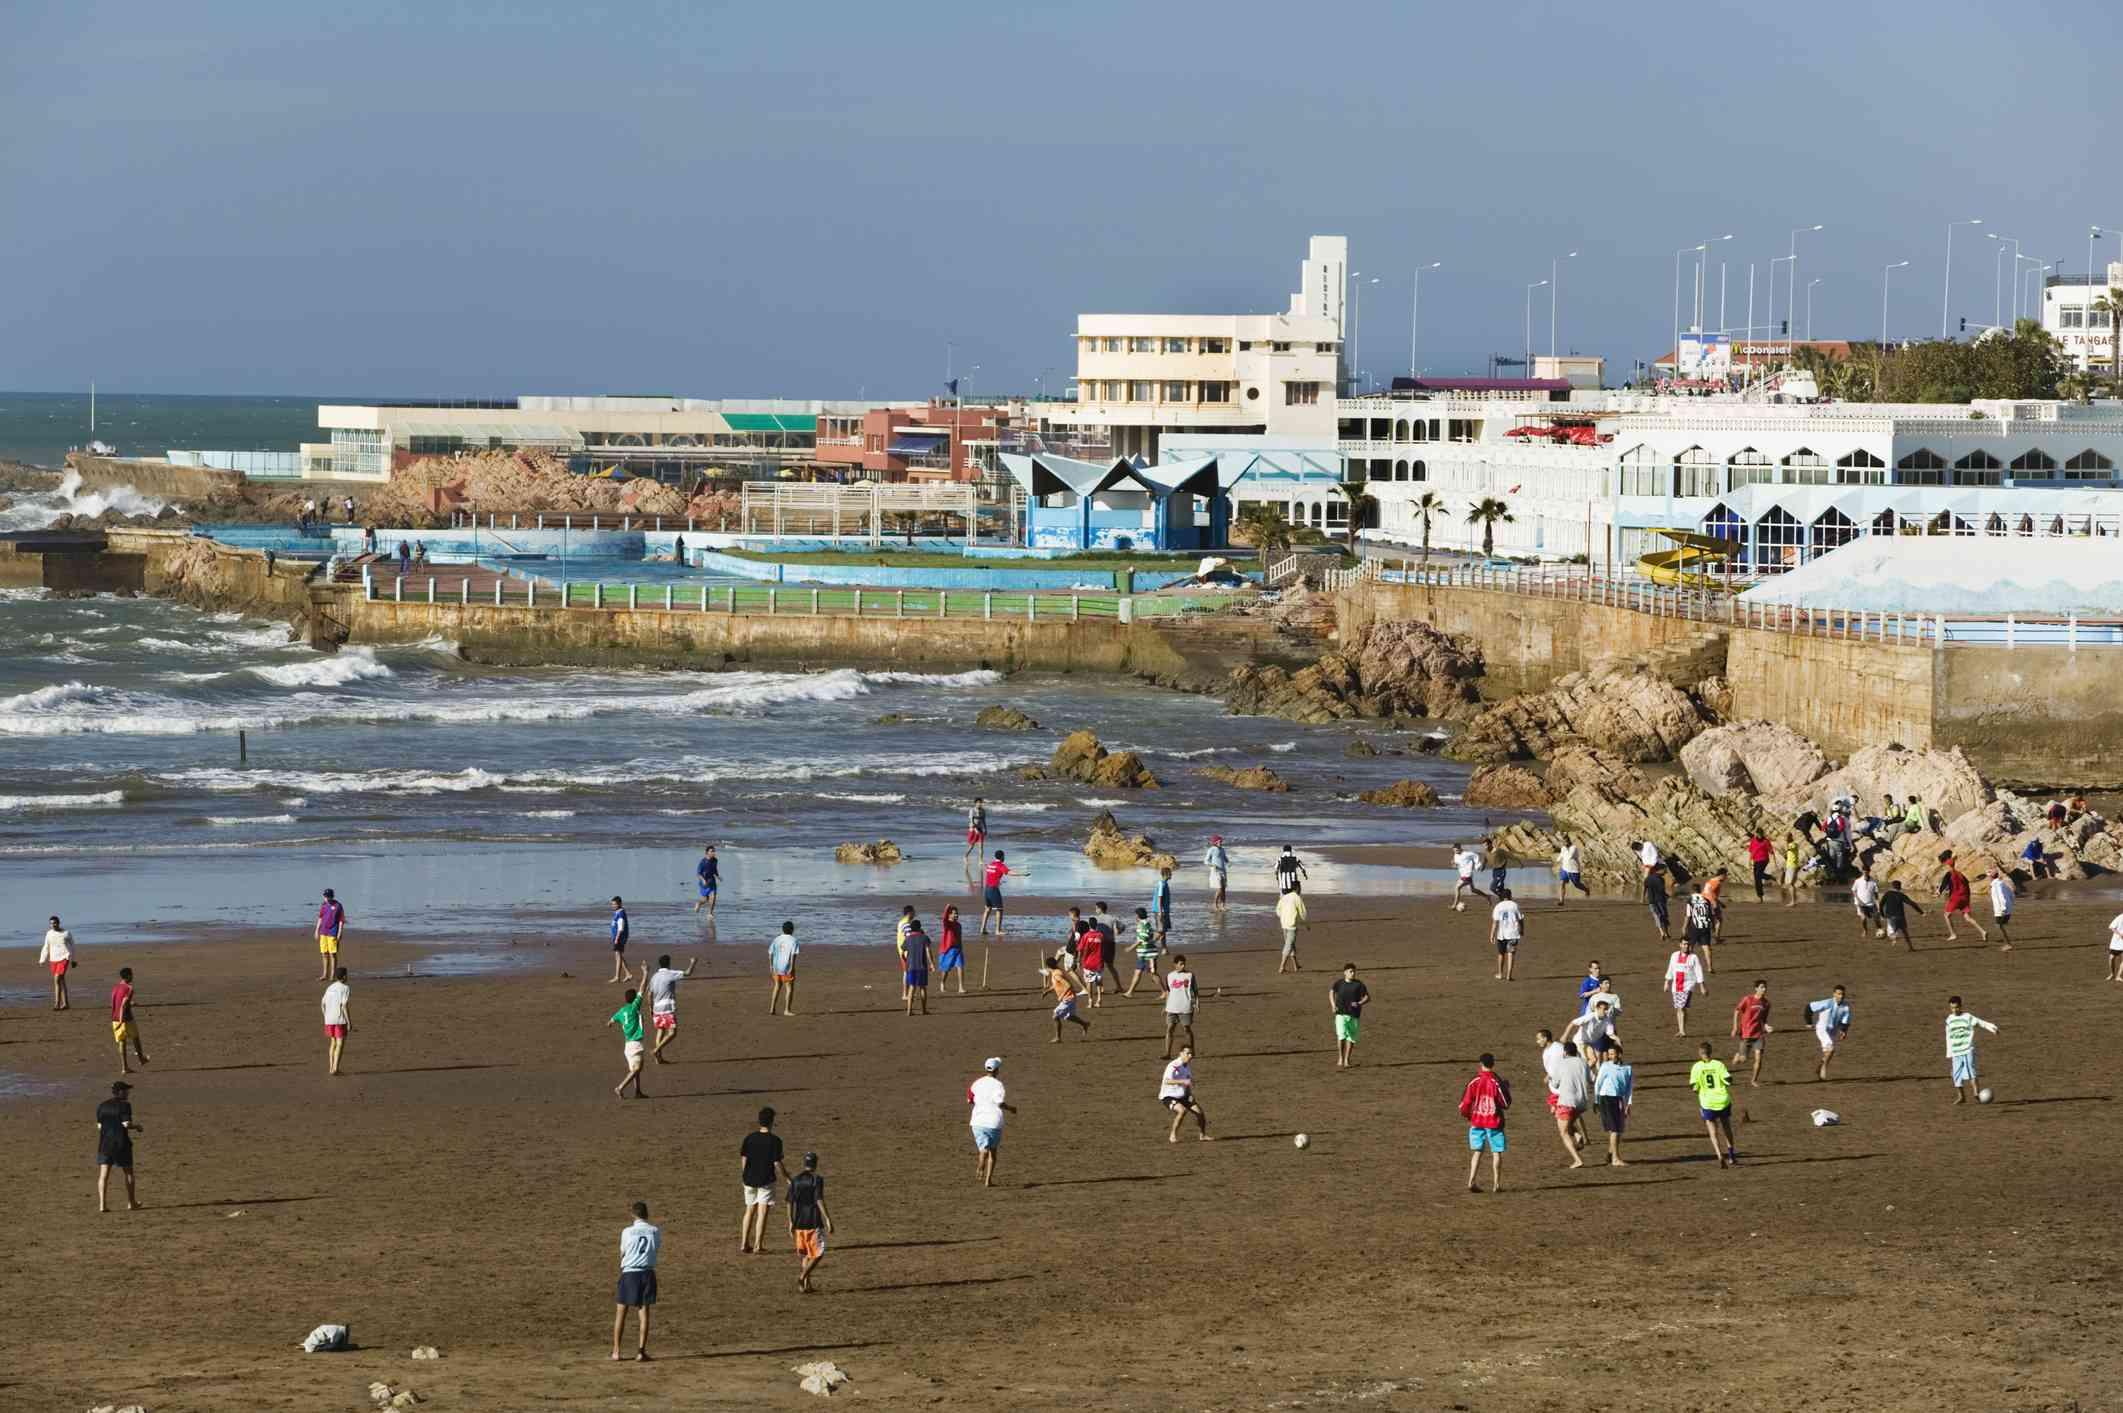 Ain Diab Beach on La Corniche, Casablanca